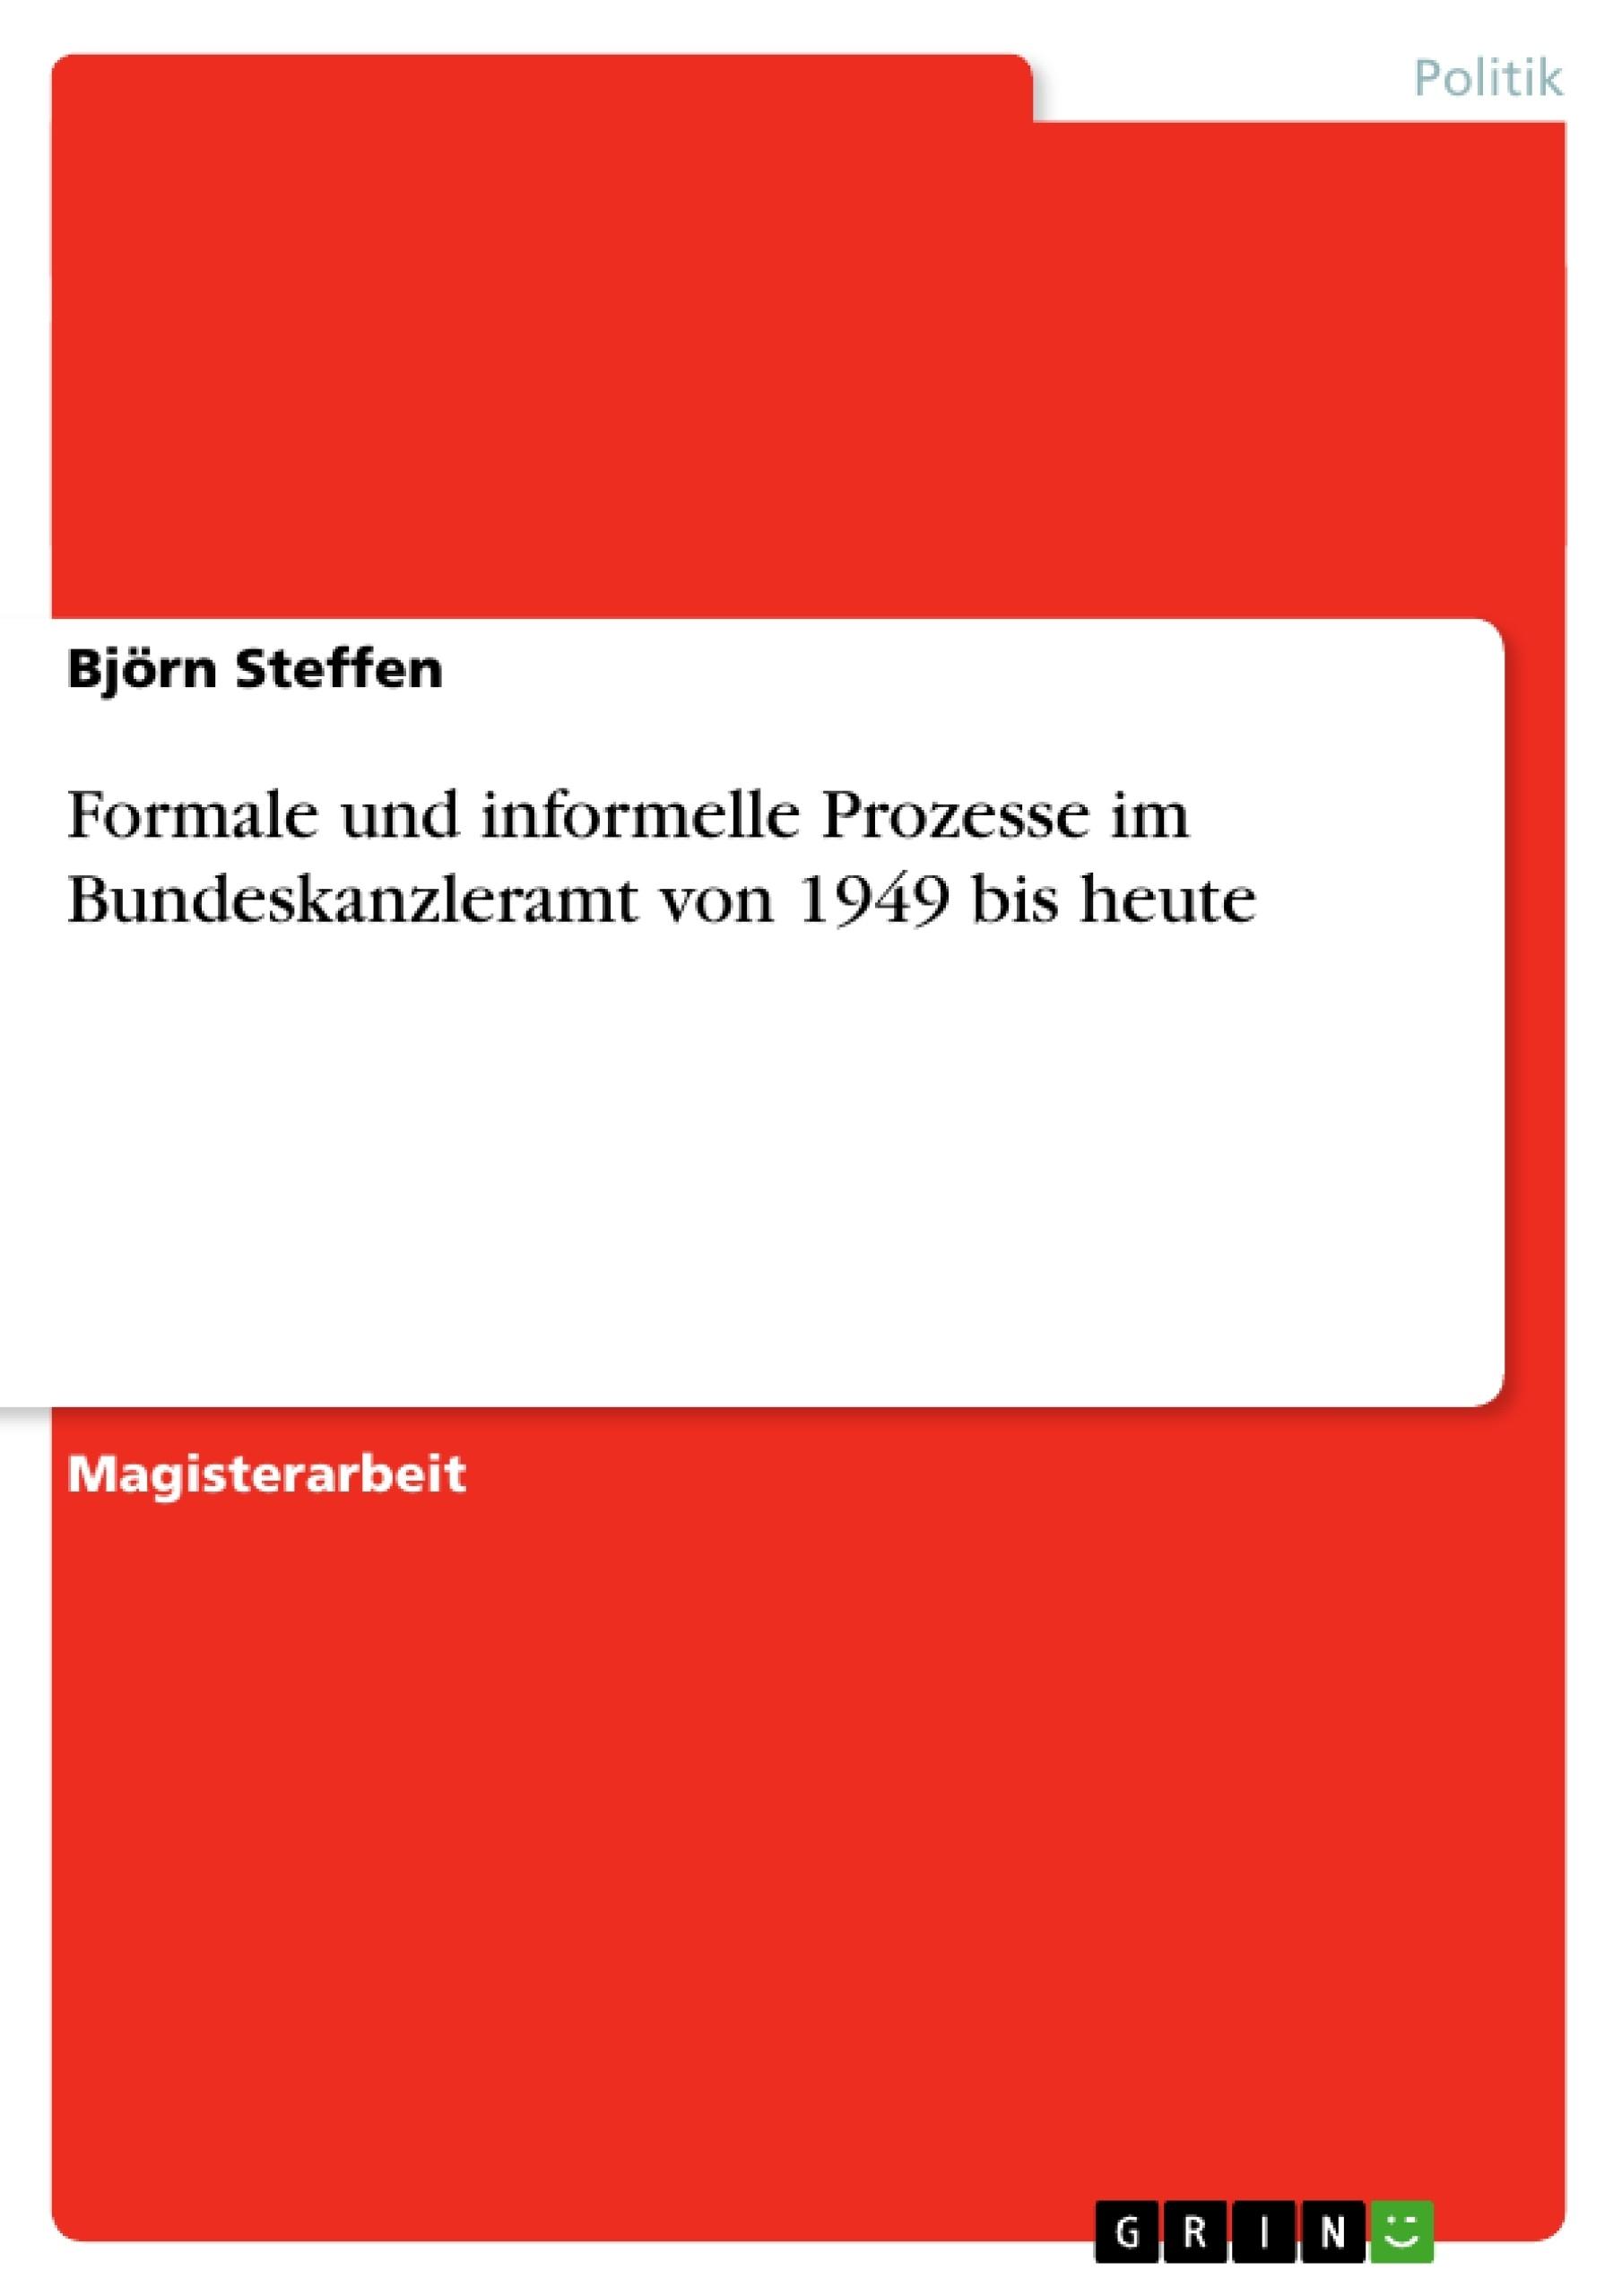 Titel: Formale und informelle Prozesse im Bundeskanzleramt von 1949 bis heute